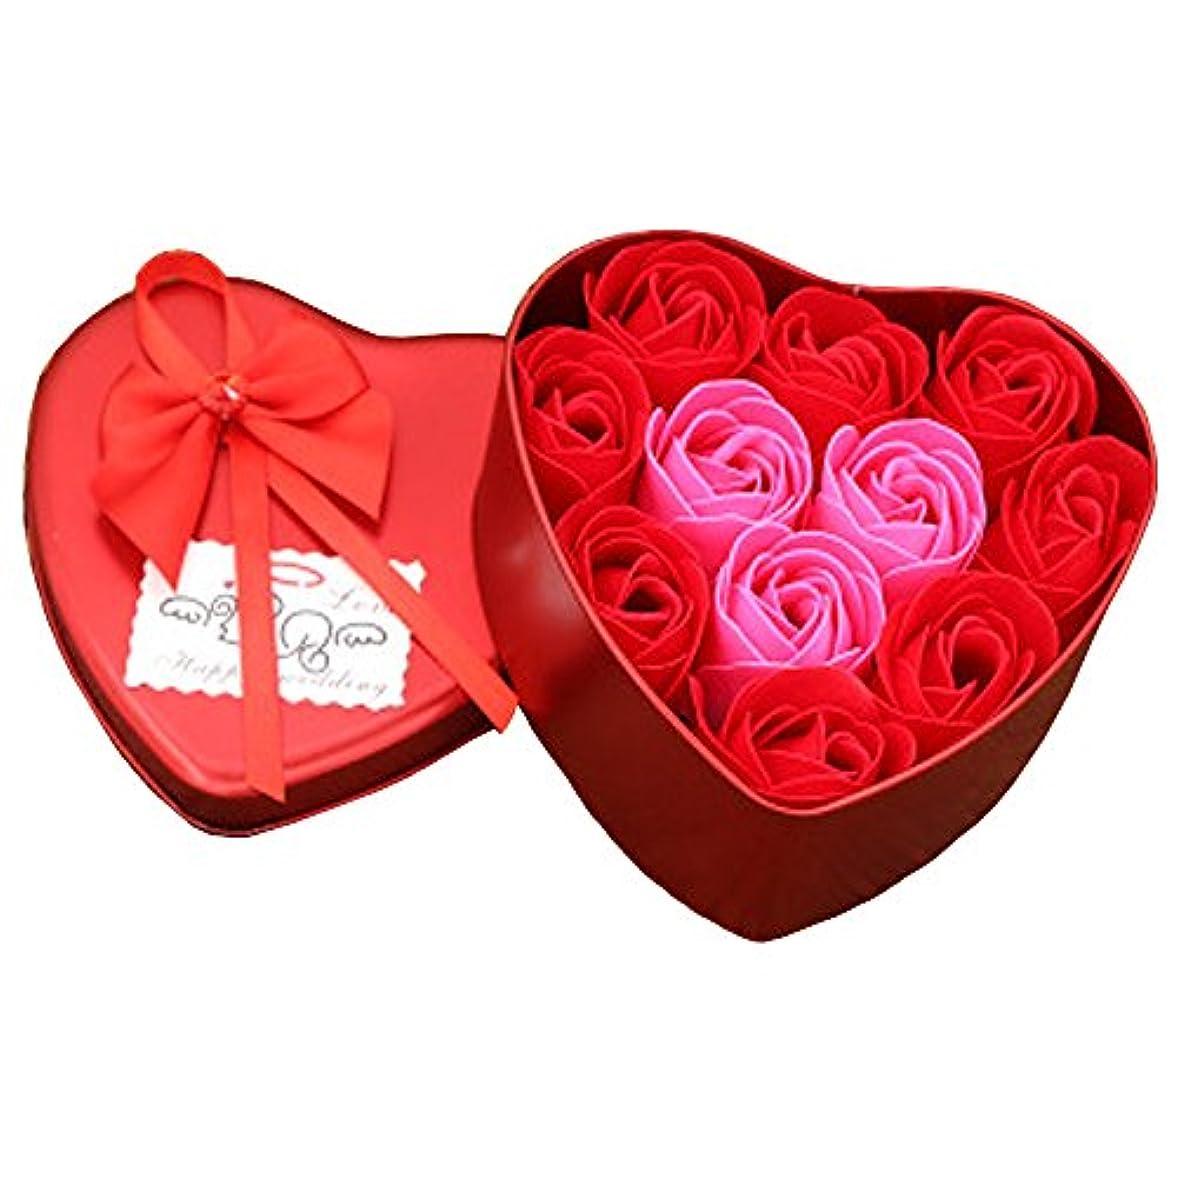 情緒的勧告幻滅するiCoole ソープフラワー 石鹸花 ハードフラワー形状 ギフトボックス入り 母の日 バレンタインデー お誕生日 ギフト